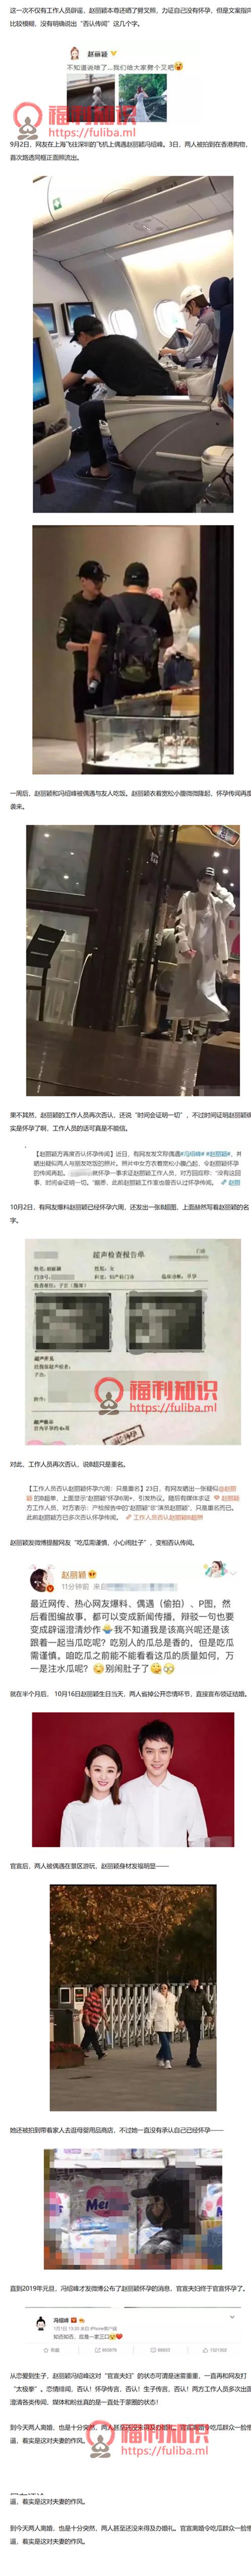 赵丽颖冯绍峰宣布离婚原因插图9